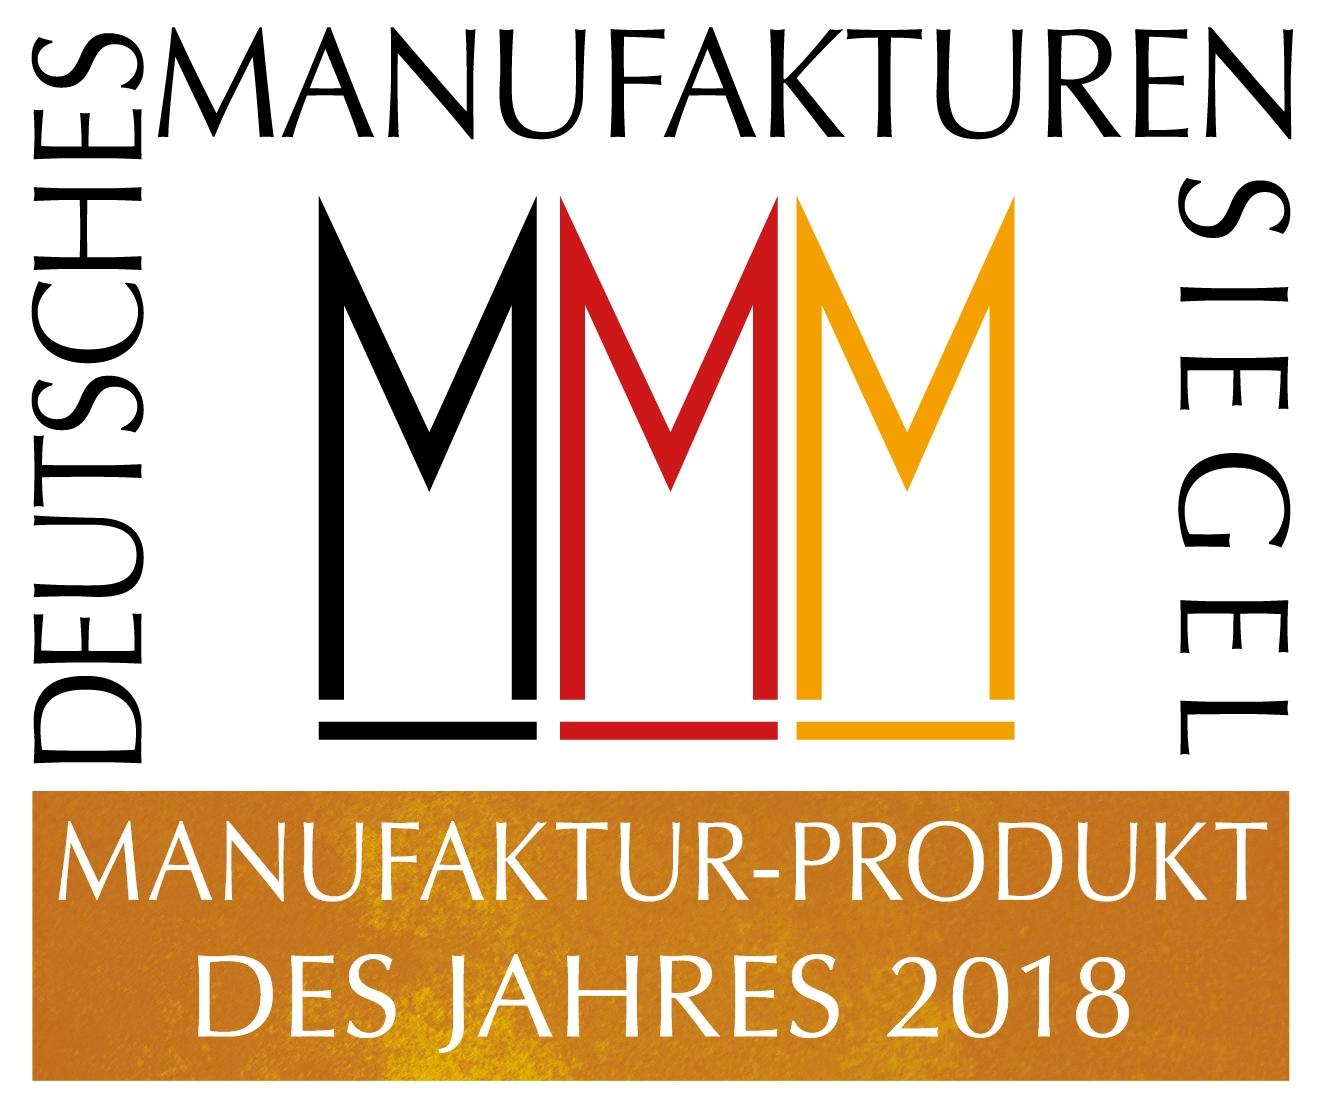 Manufakturen-Blog: Der Wettbewerb des Verbandes Deutsche Manufakturen zum Manufaktur-Produkt des Jahres 2018 läuft bis zum 17. April 2018 (Grafik: Peter Sieber)